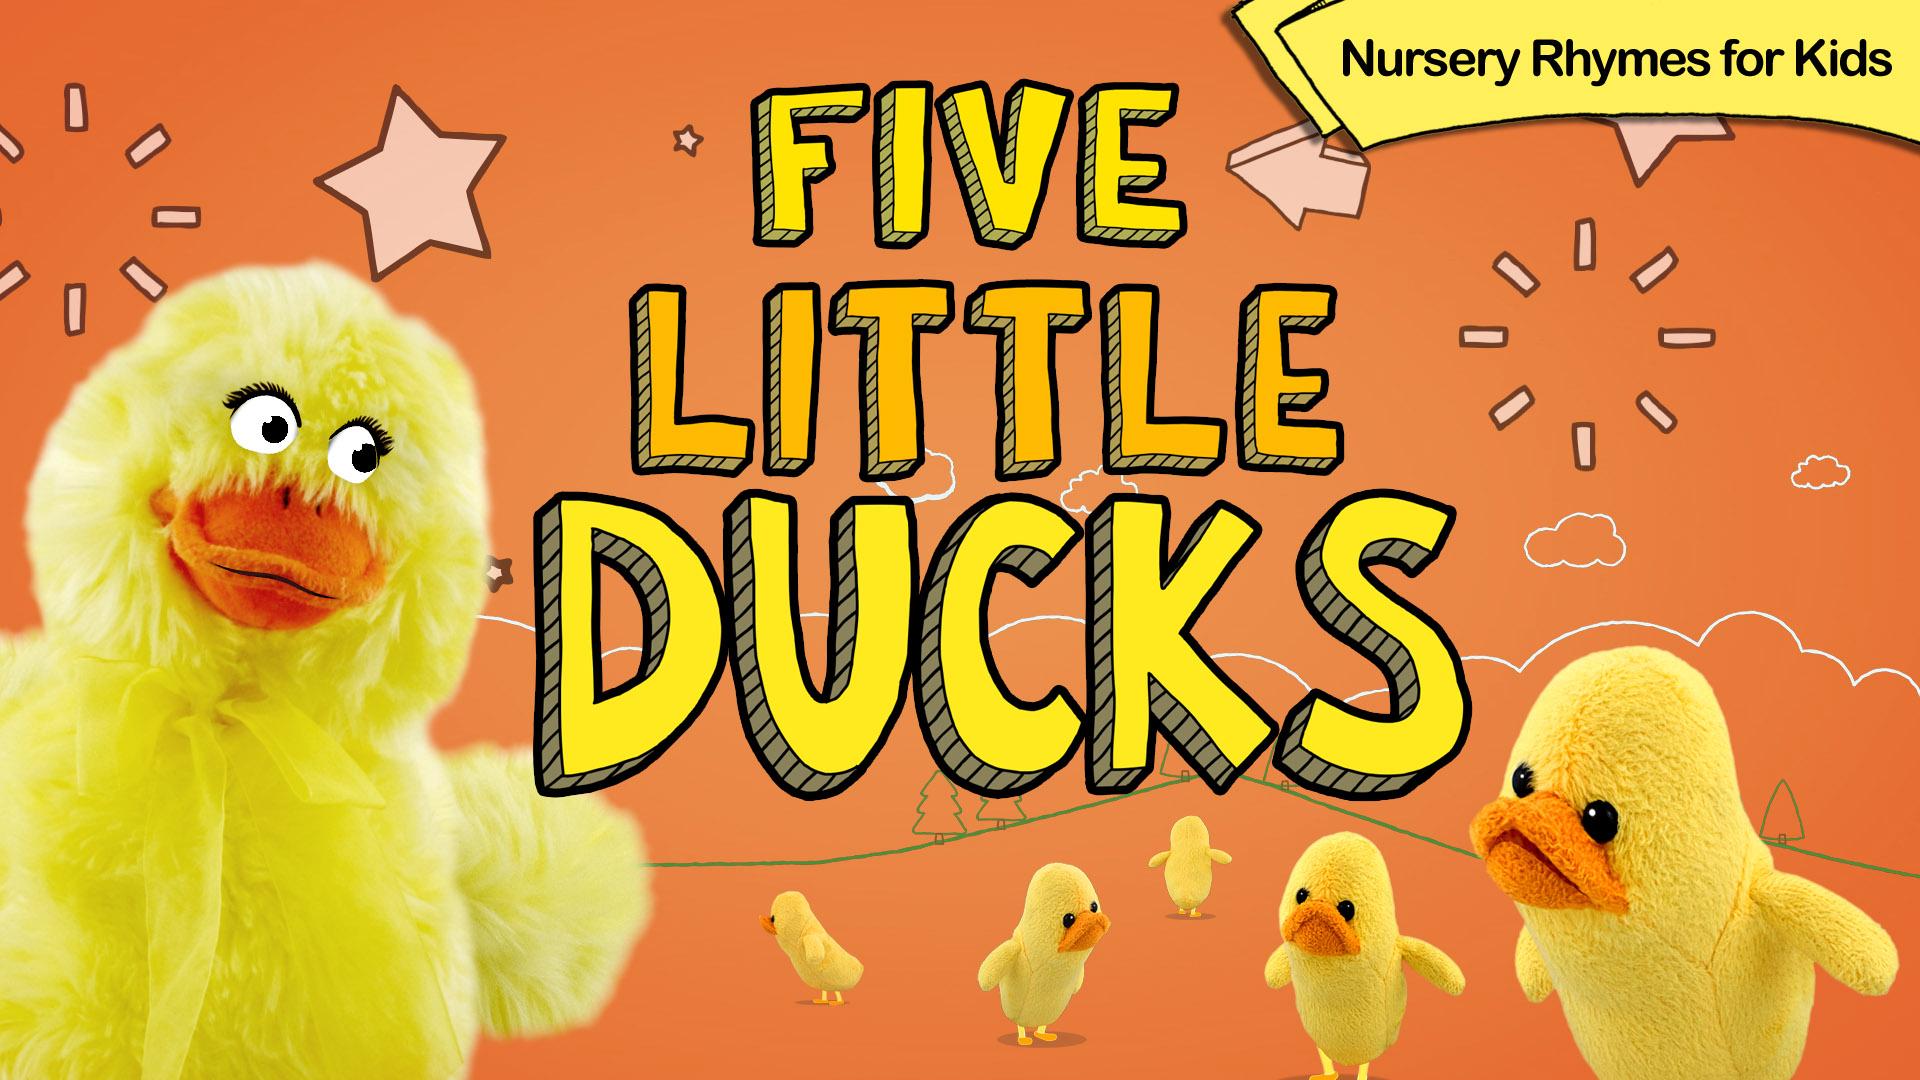 Five Little Ducks - Nursery Rhymes for Kids